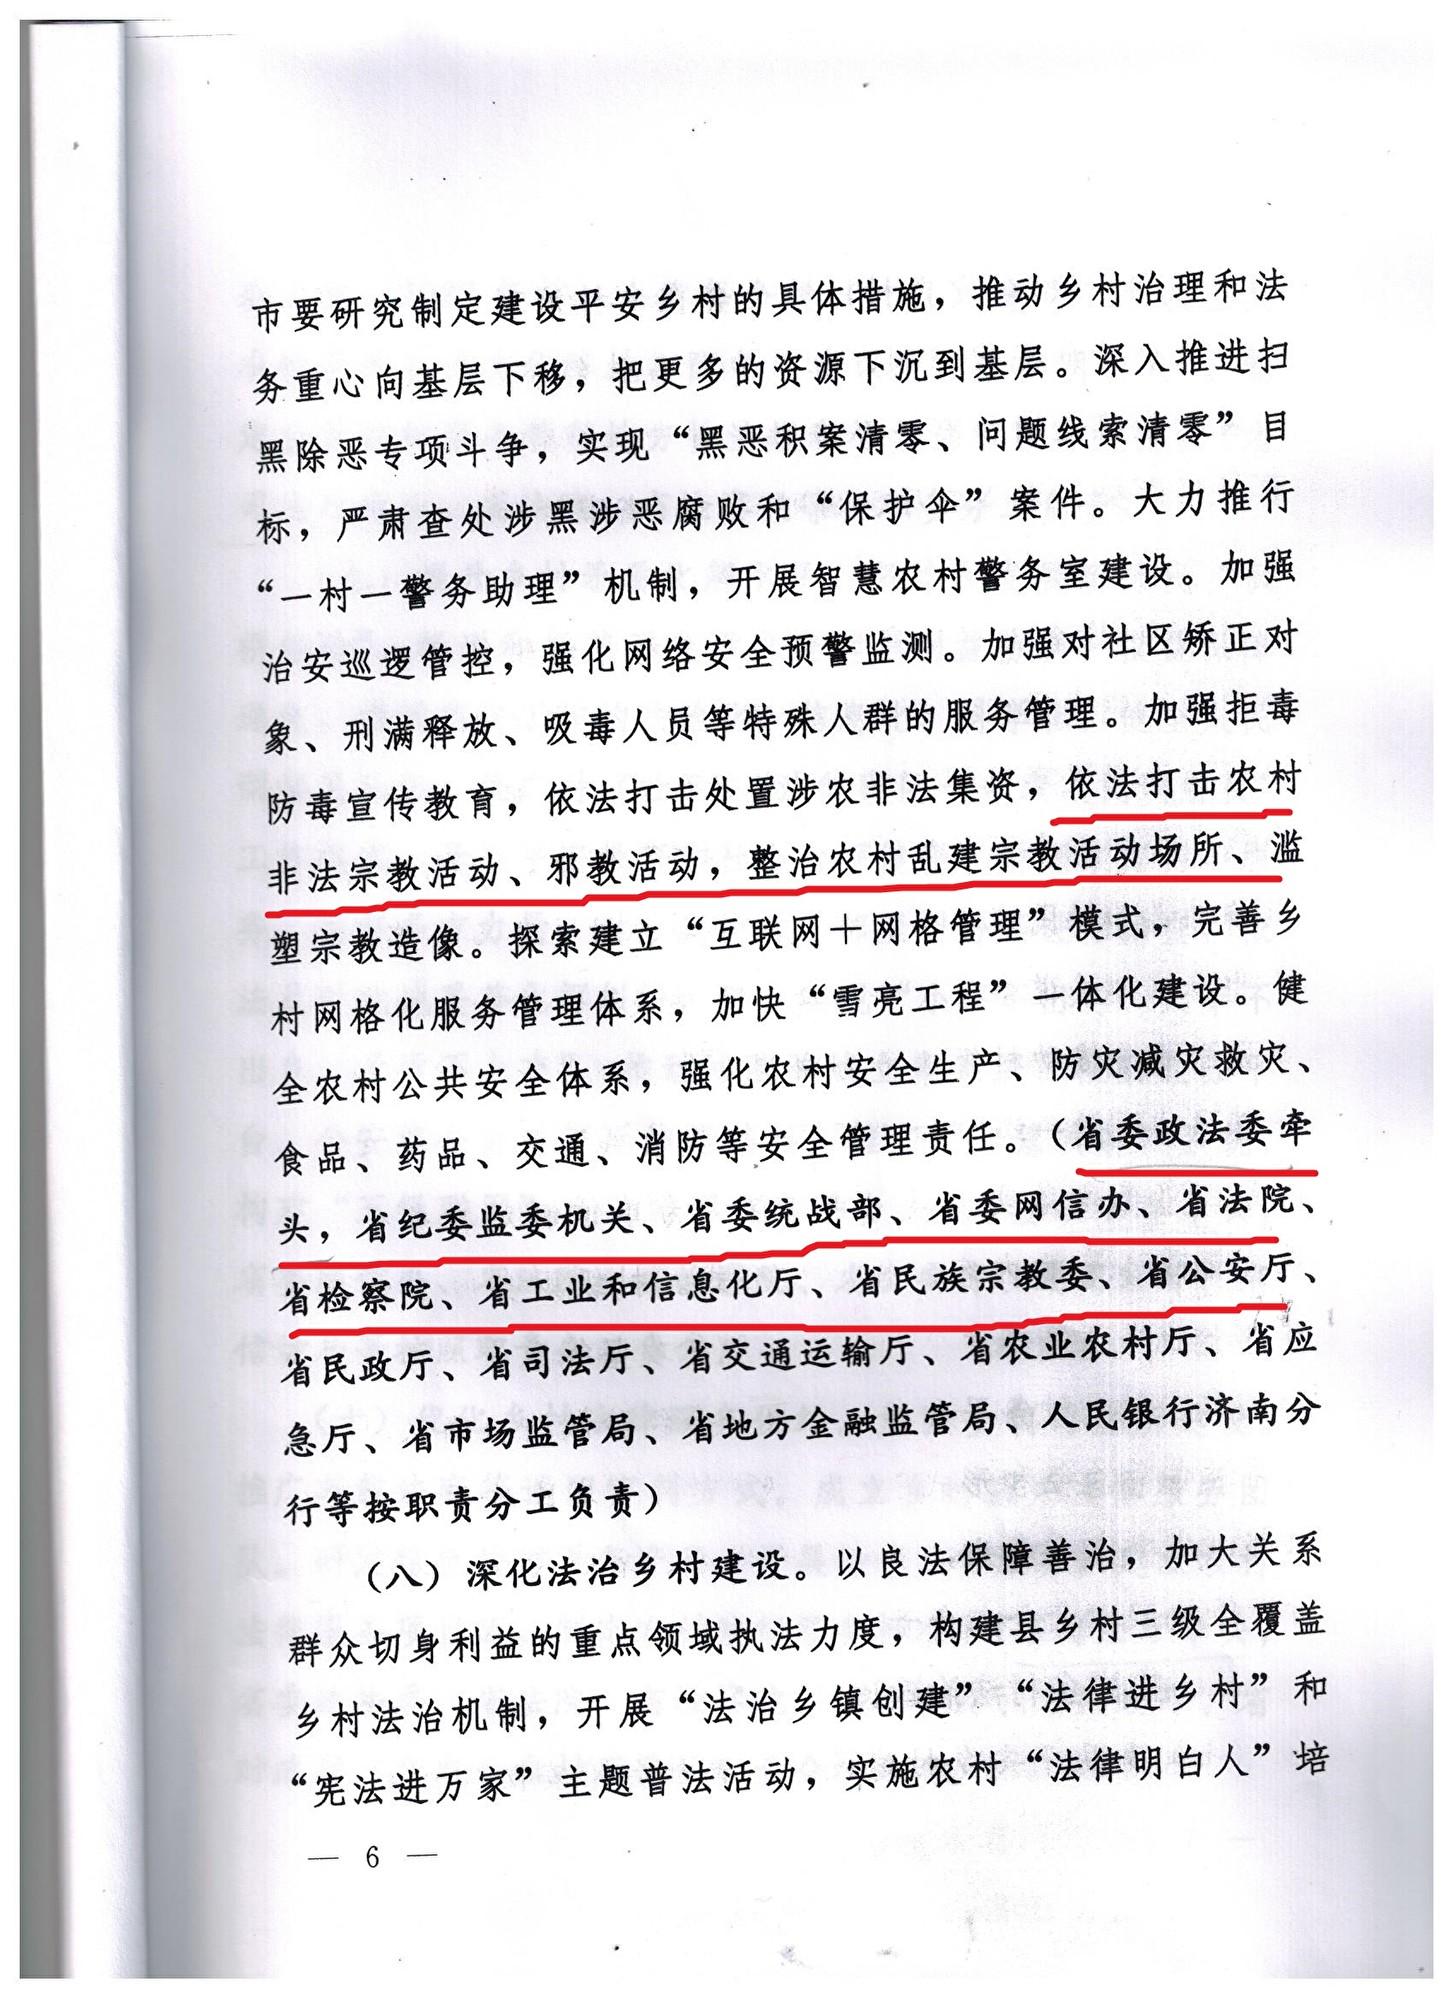 山東省委辦公廳2月17日下發的文件顯示,中共仍在迫害法輪功。(大紀元)